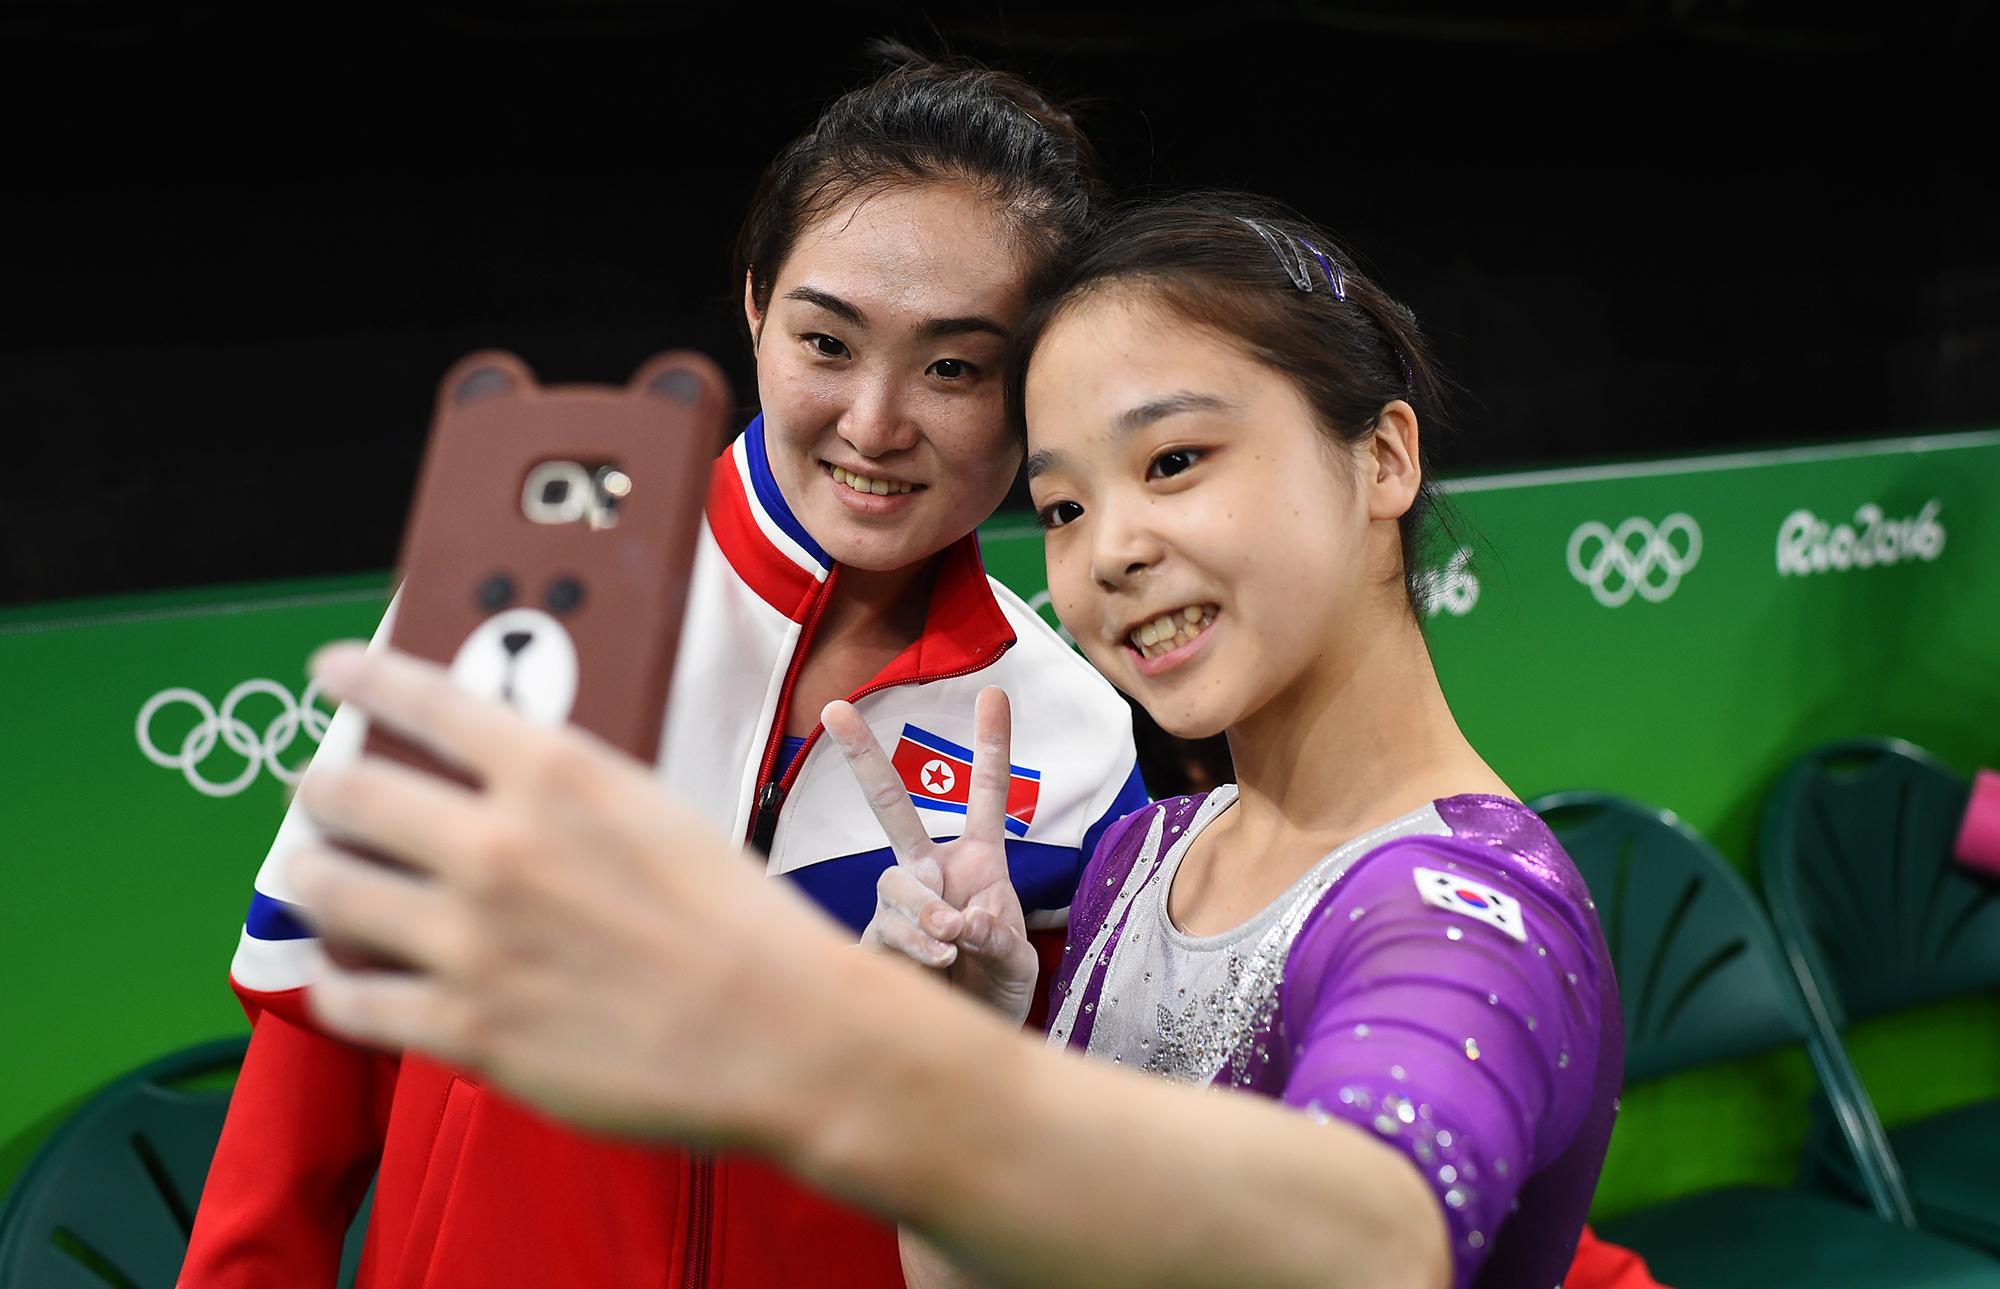 Lee Eun-Ju of South Korea, right, takes a selfie with Hong Un Jong of North Korea, left, on Aug. 4, 2016 in Rio de Janeiro, Brazil.